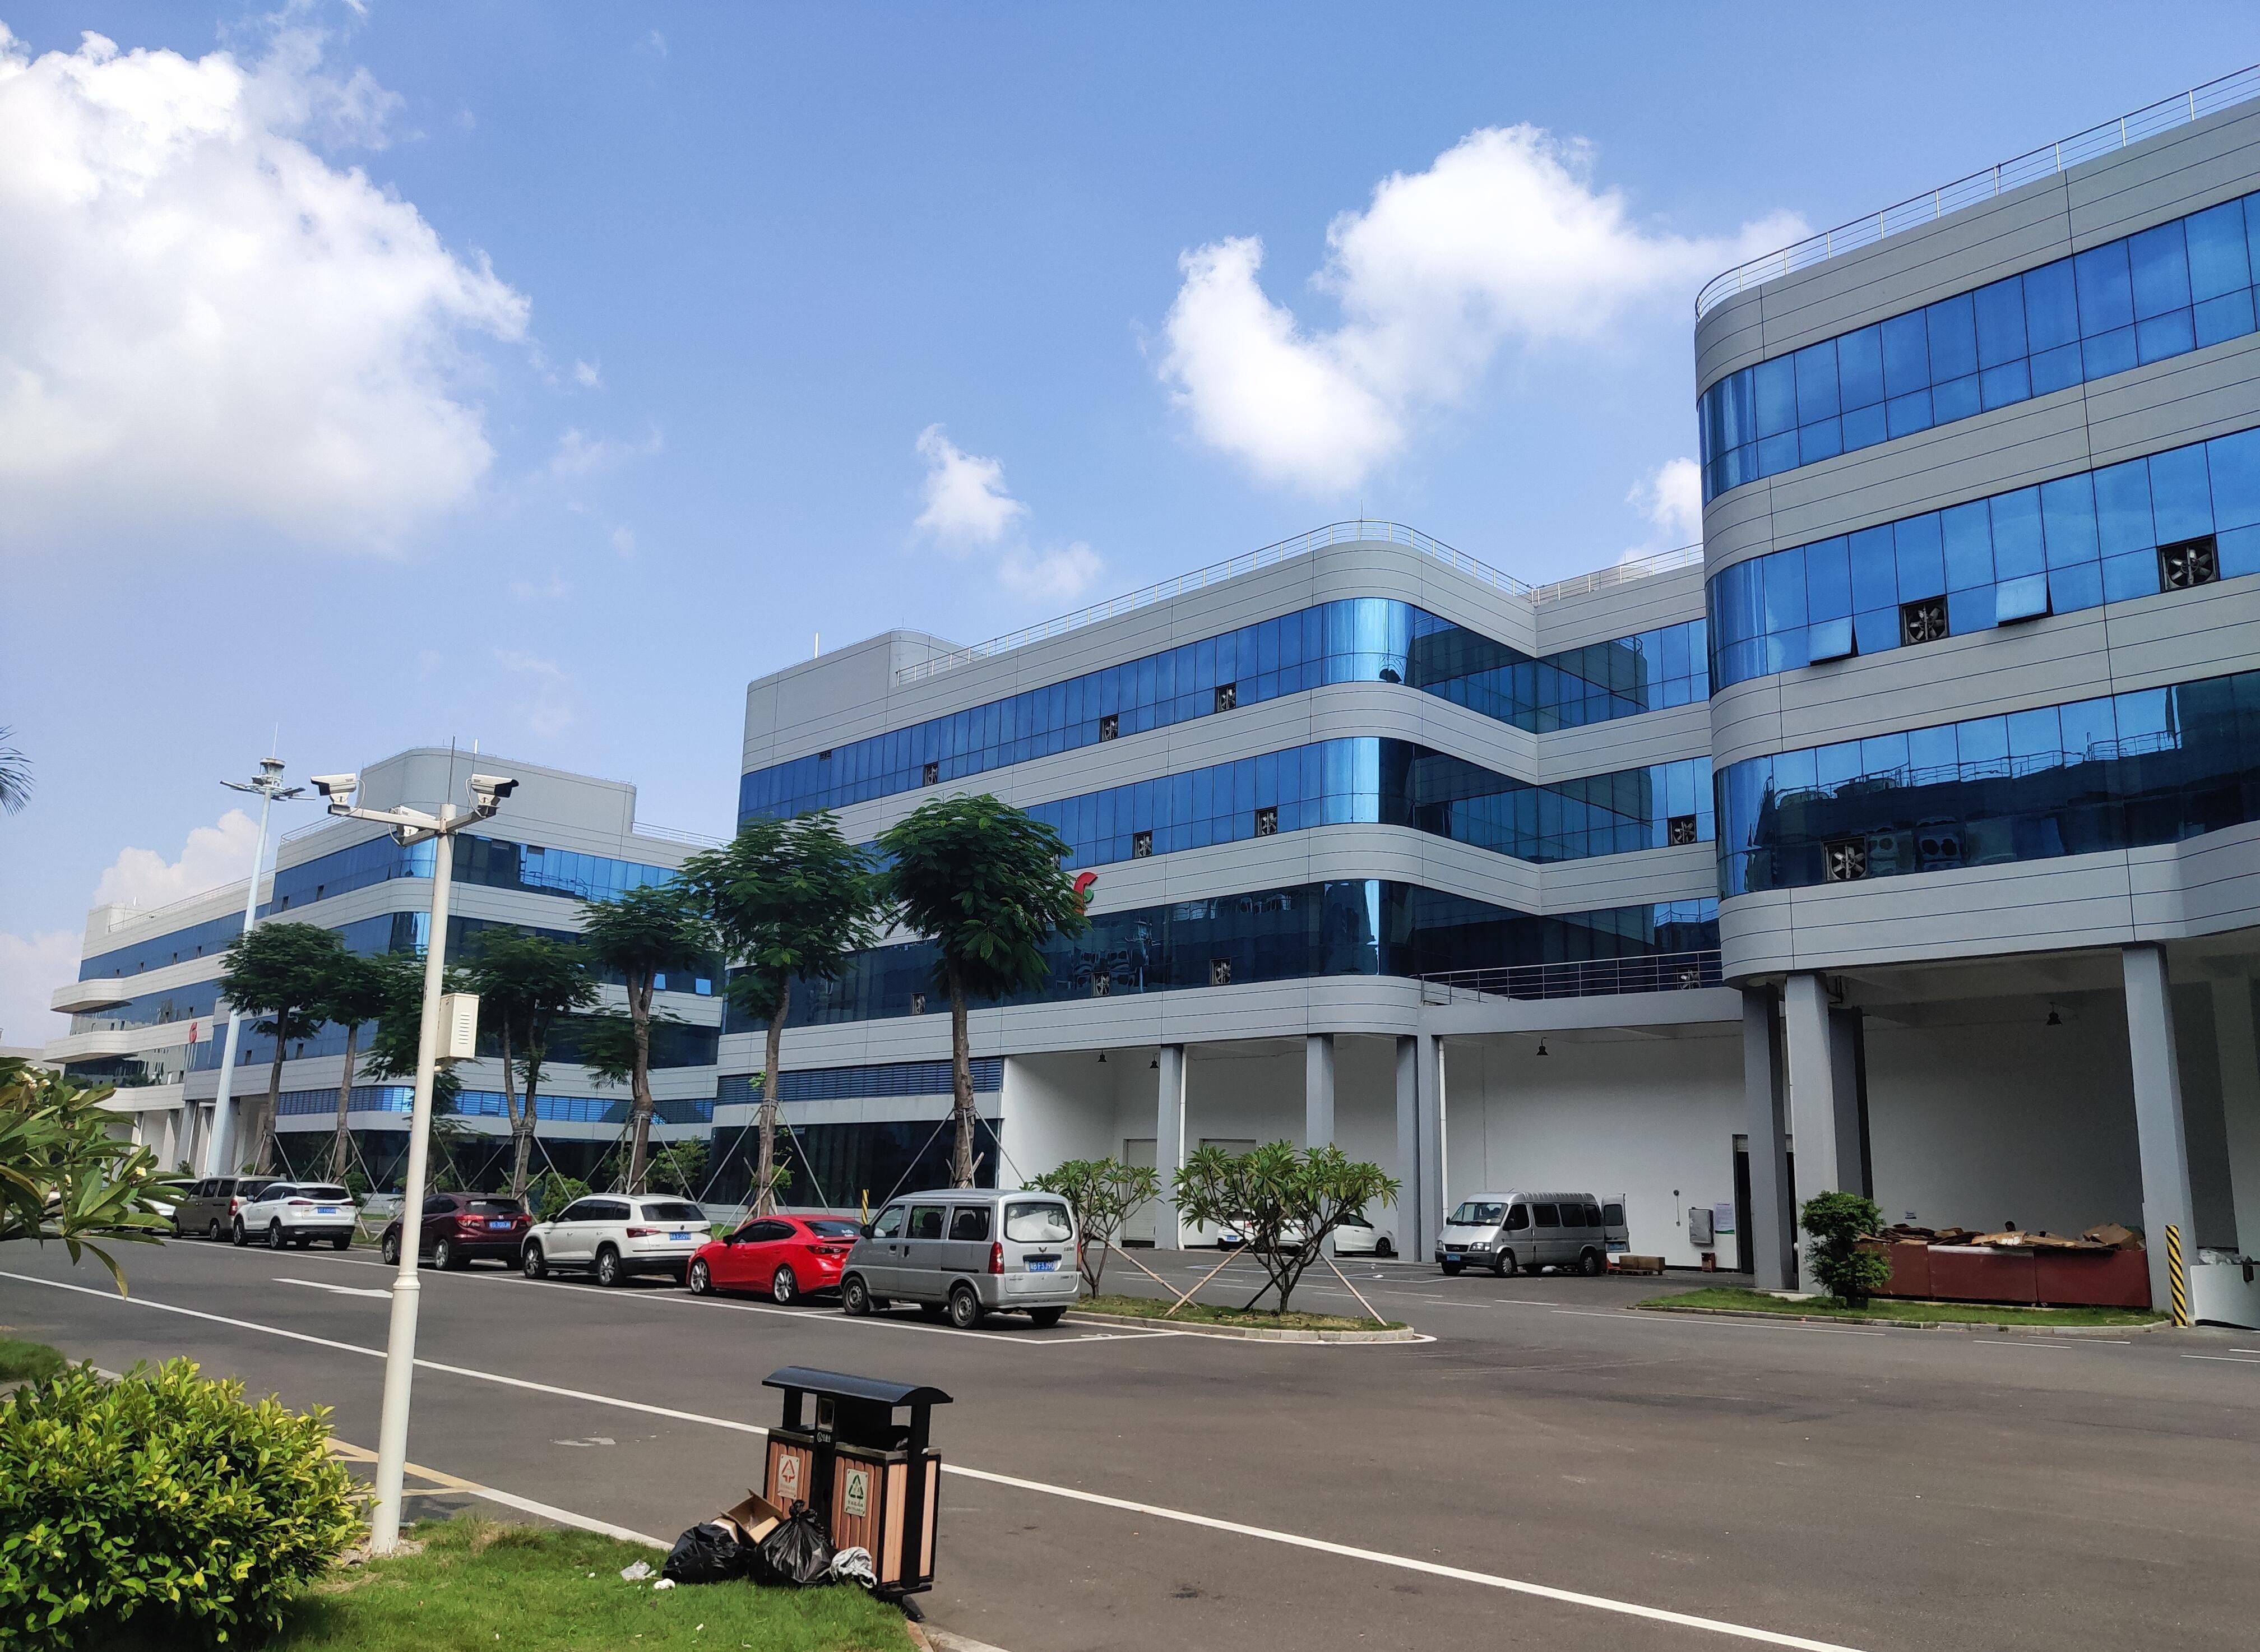 厂房适合办公、服装、电子、电商、仓库、食品、医疗器械、化妆品